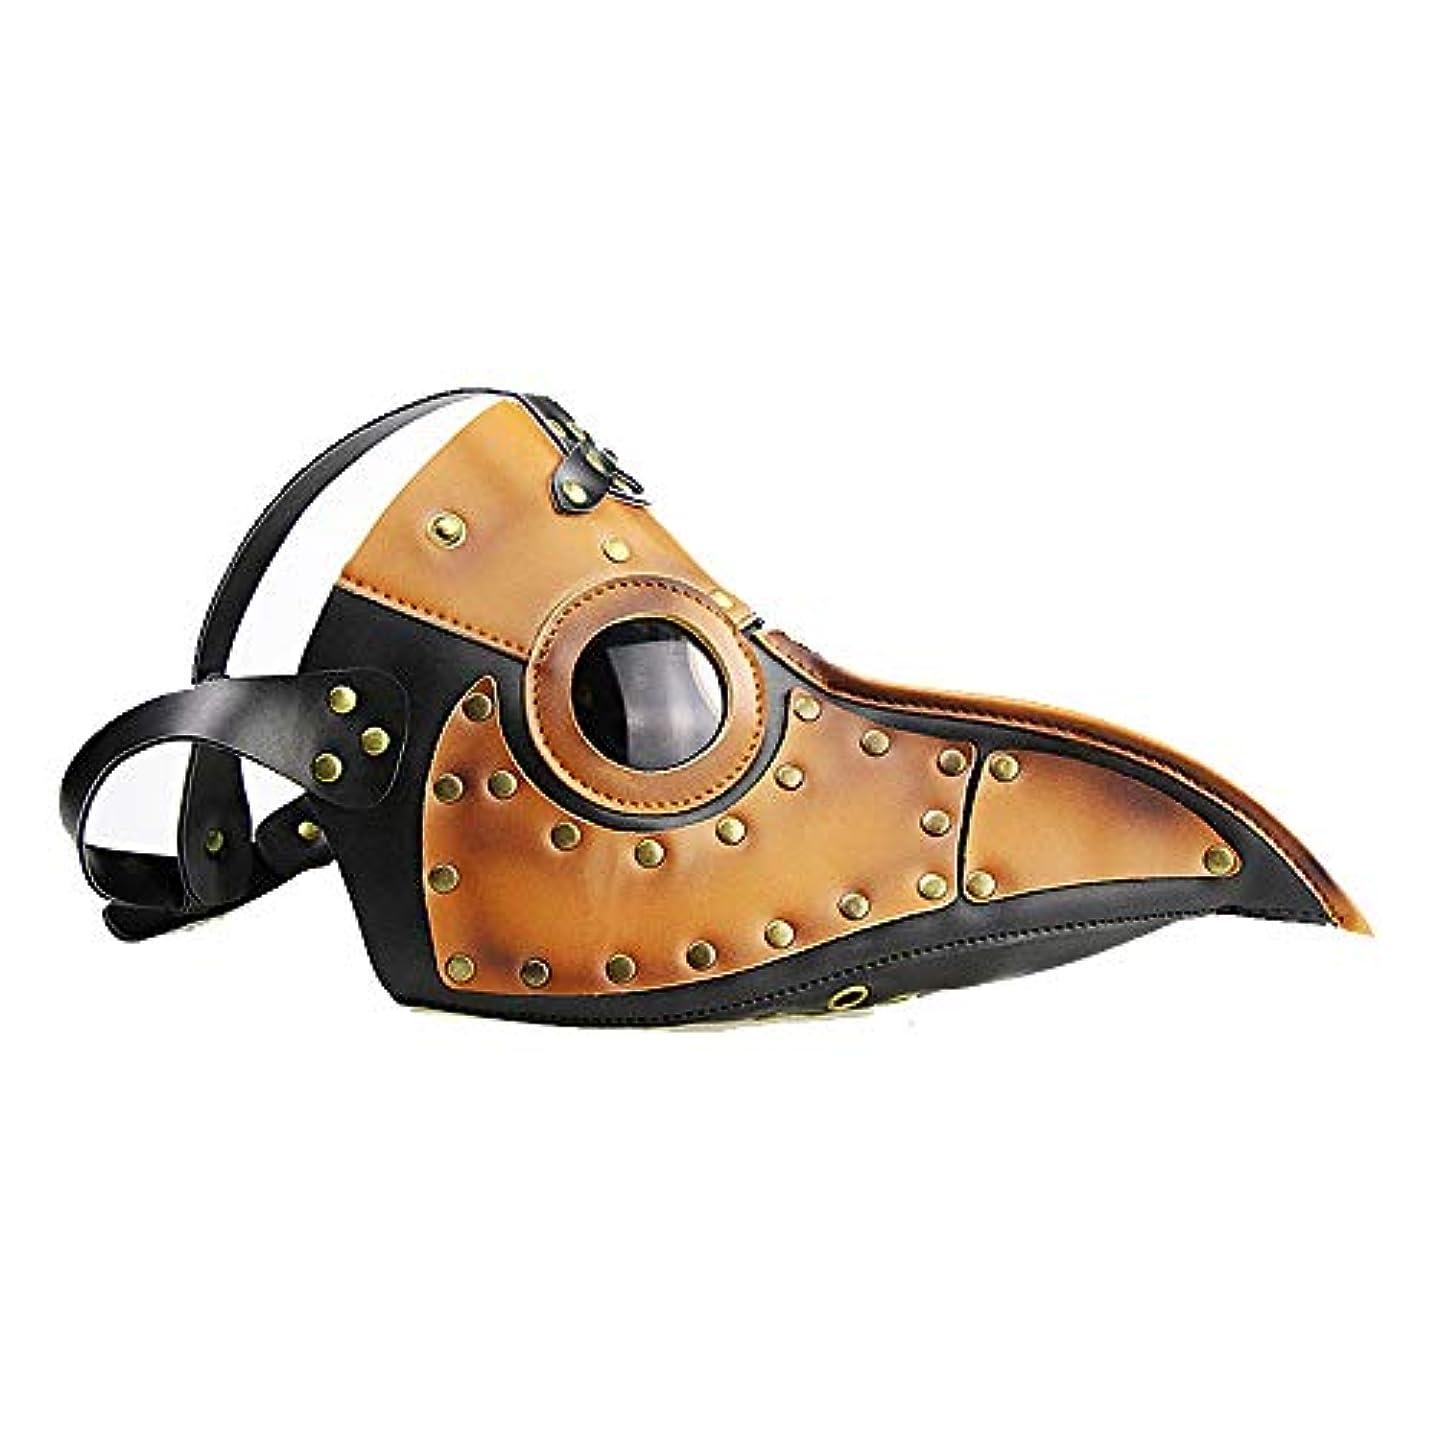 野生出費疑いスチームパンクペストビークマスクハロウィン小道具